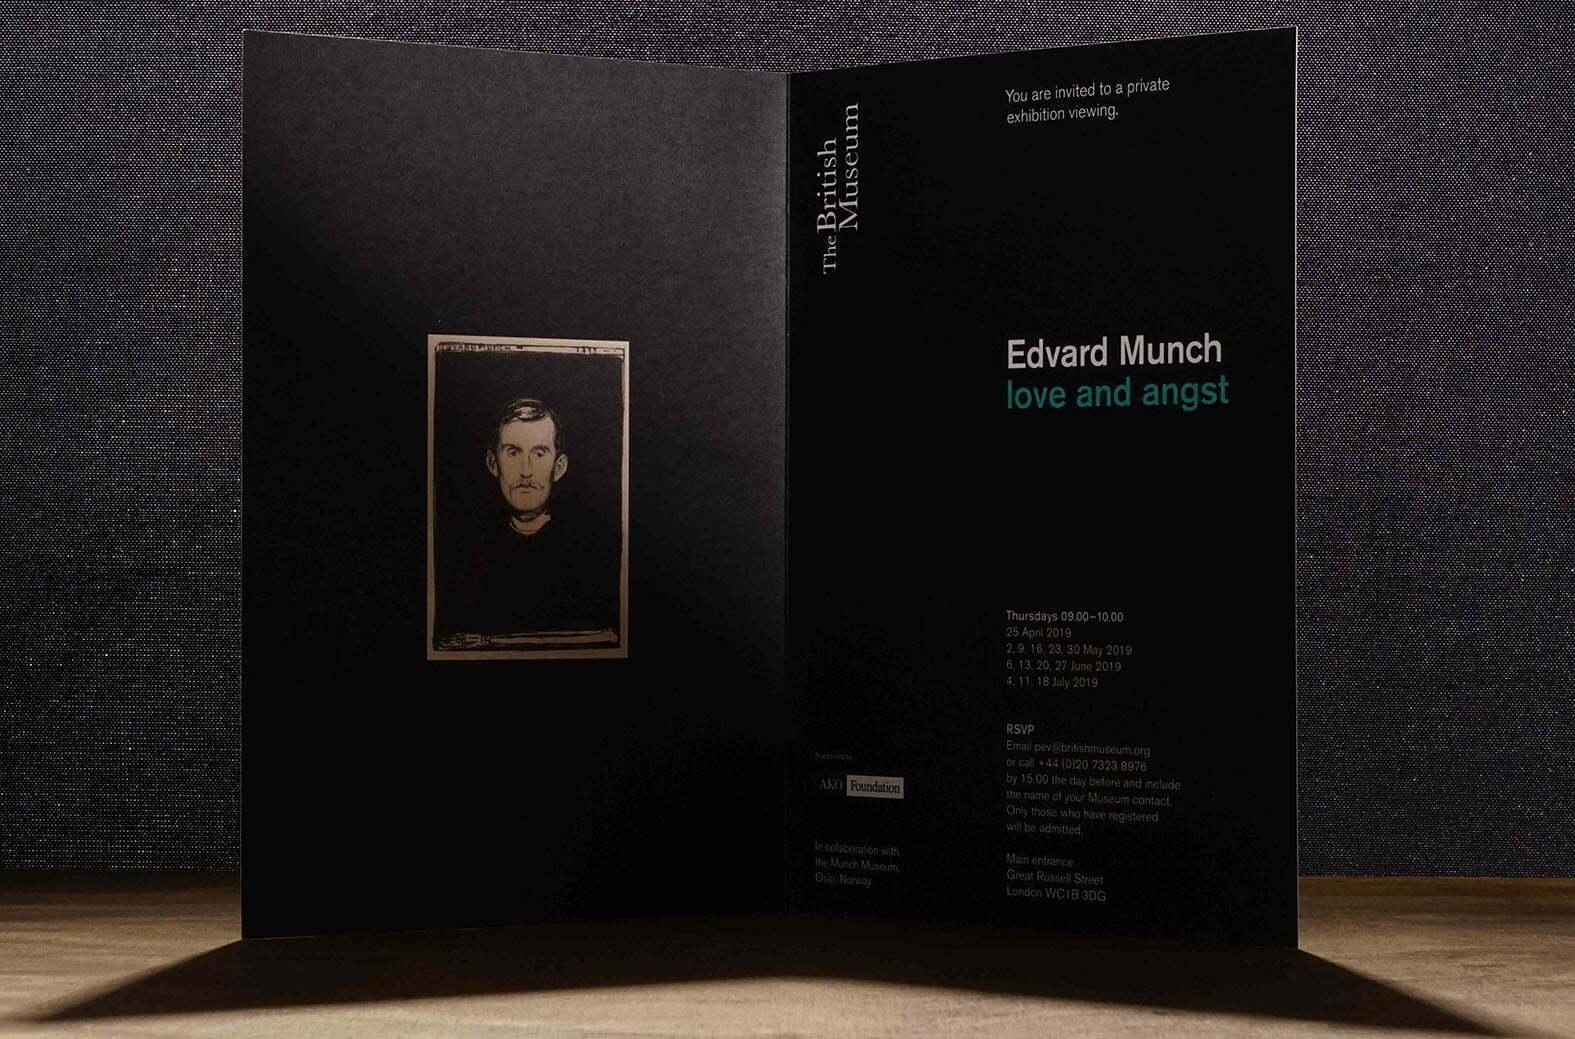 04_Lombaert_Studio_British_Museum_Munch_05HD